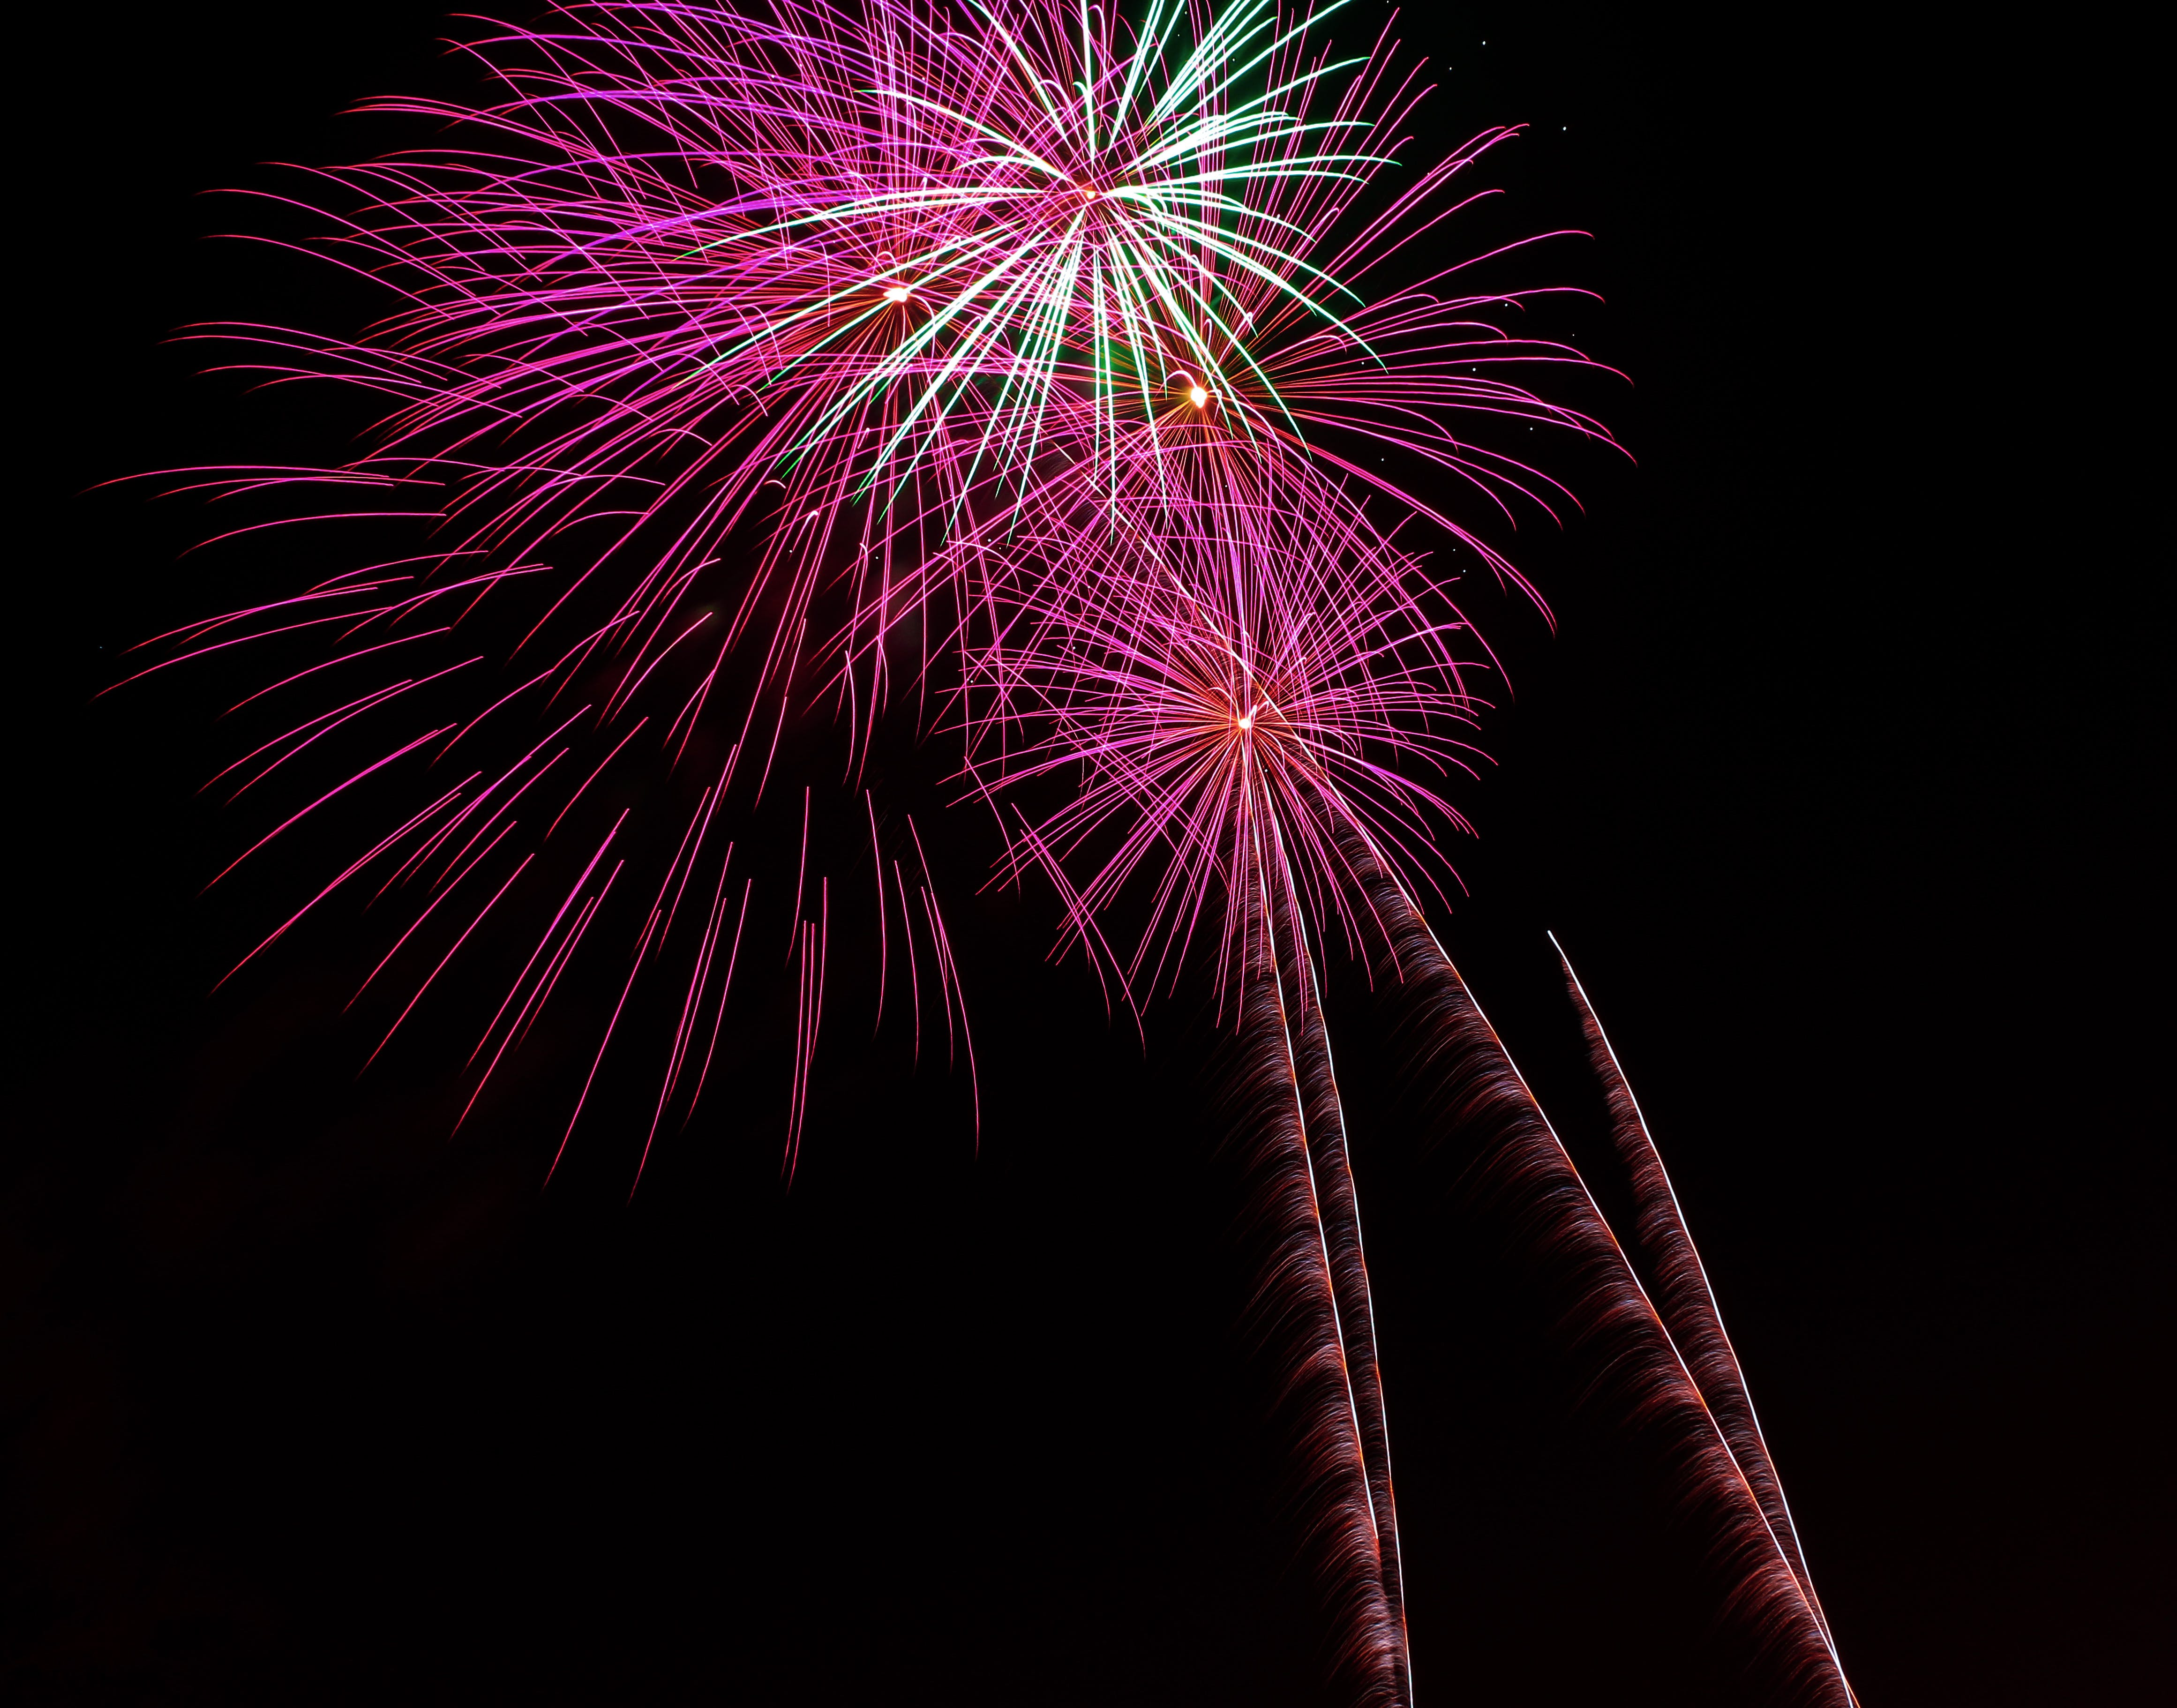 Immagine gratuita di colori, flash, fotografia notturna, fuochi d'artificio